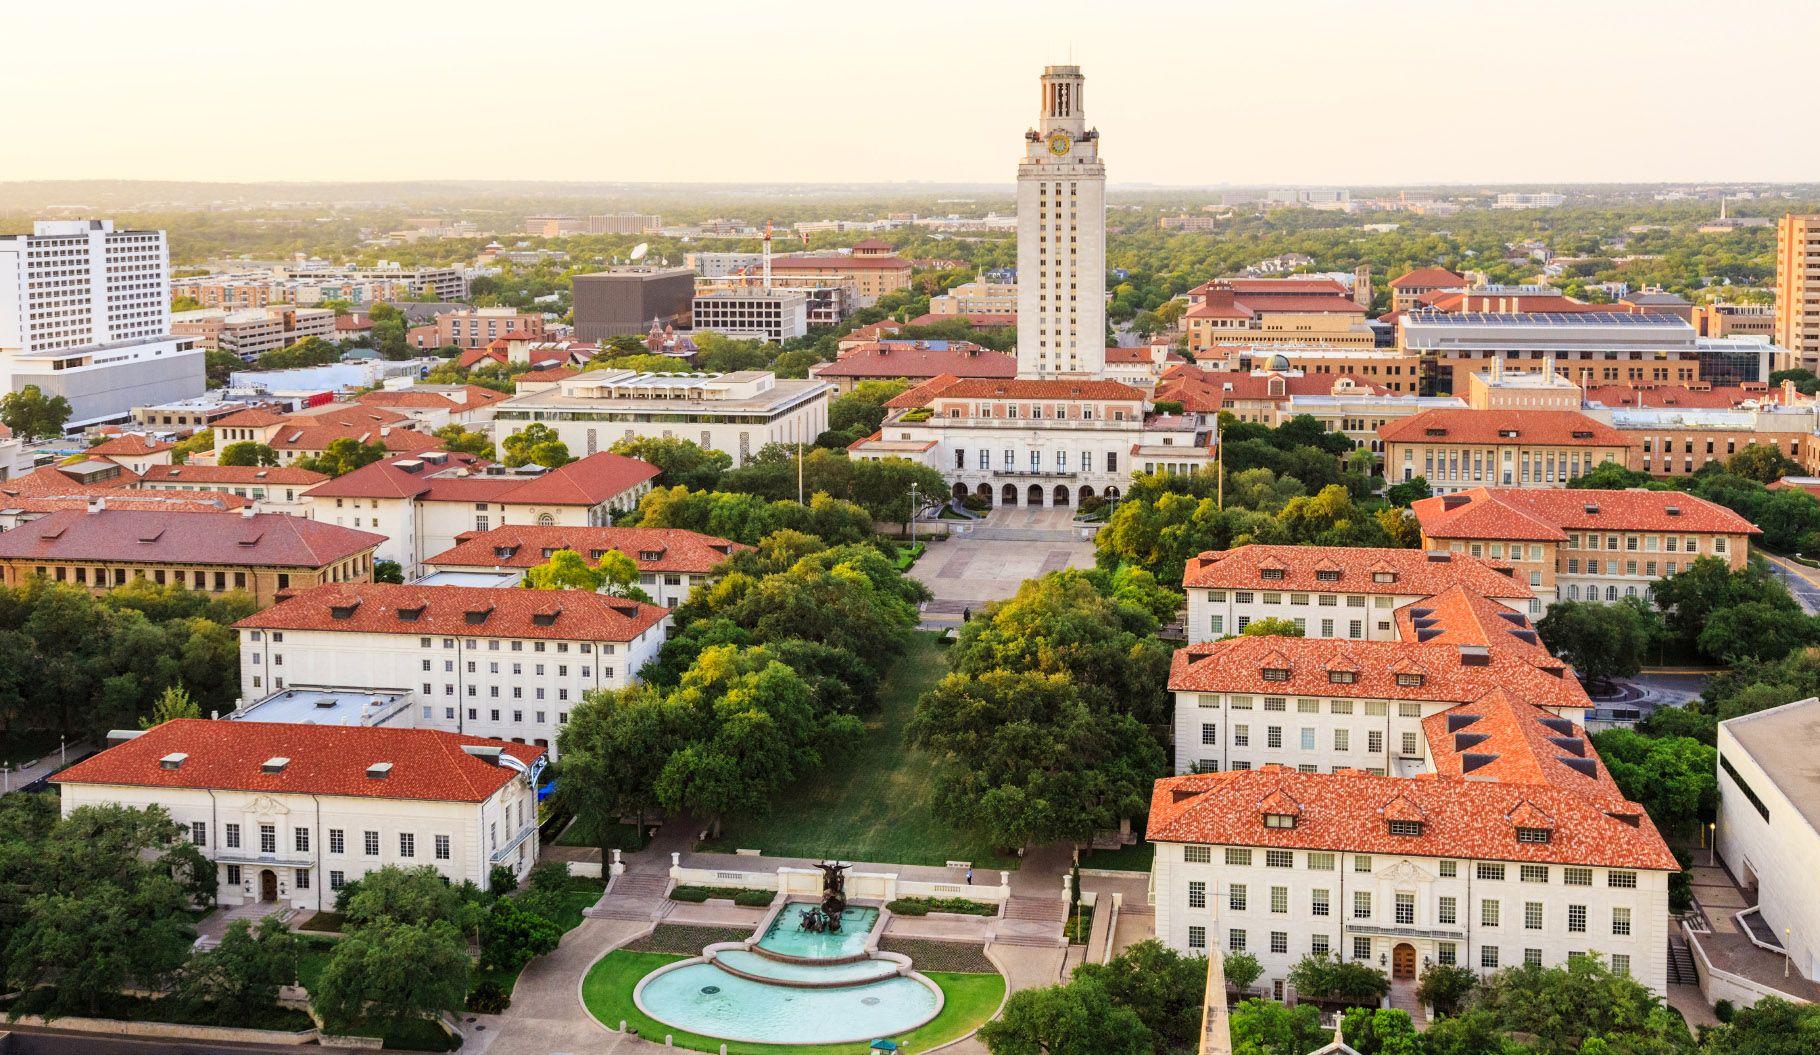 德克萨斯大学奥斯汀分校的研究生学费一般是多少?